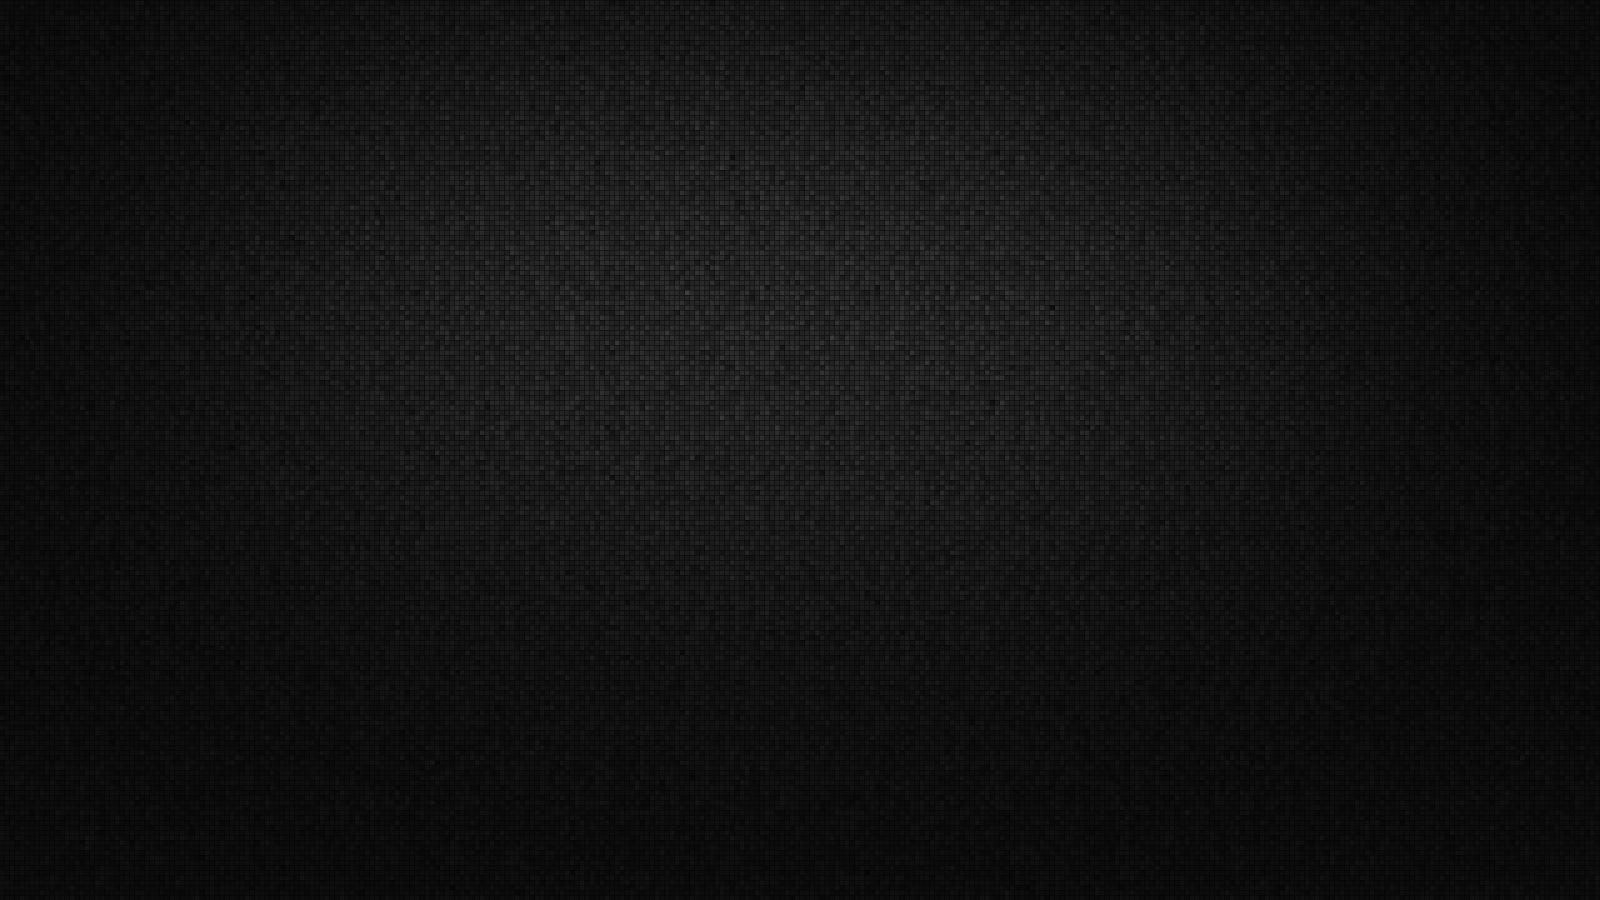 49 Pure Black Wallpaper On Wallpapersafari